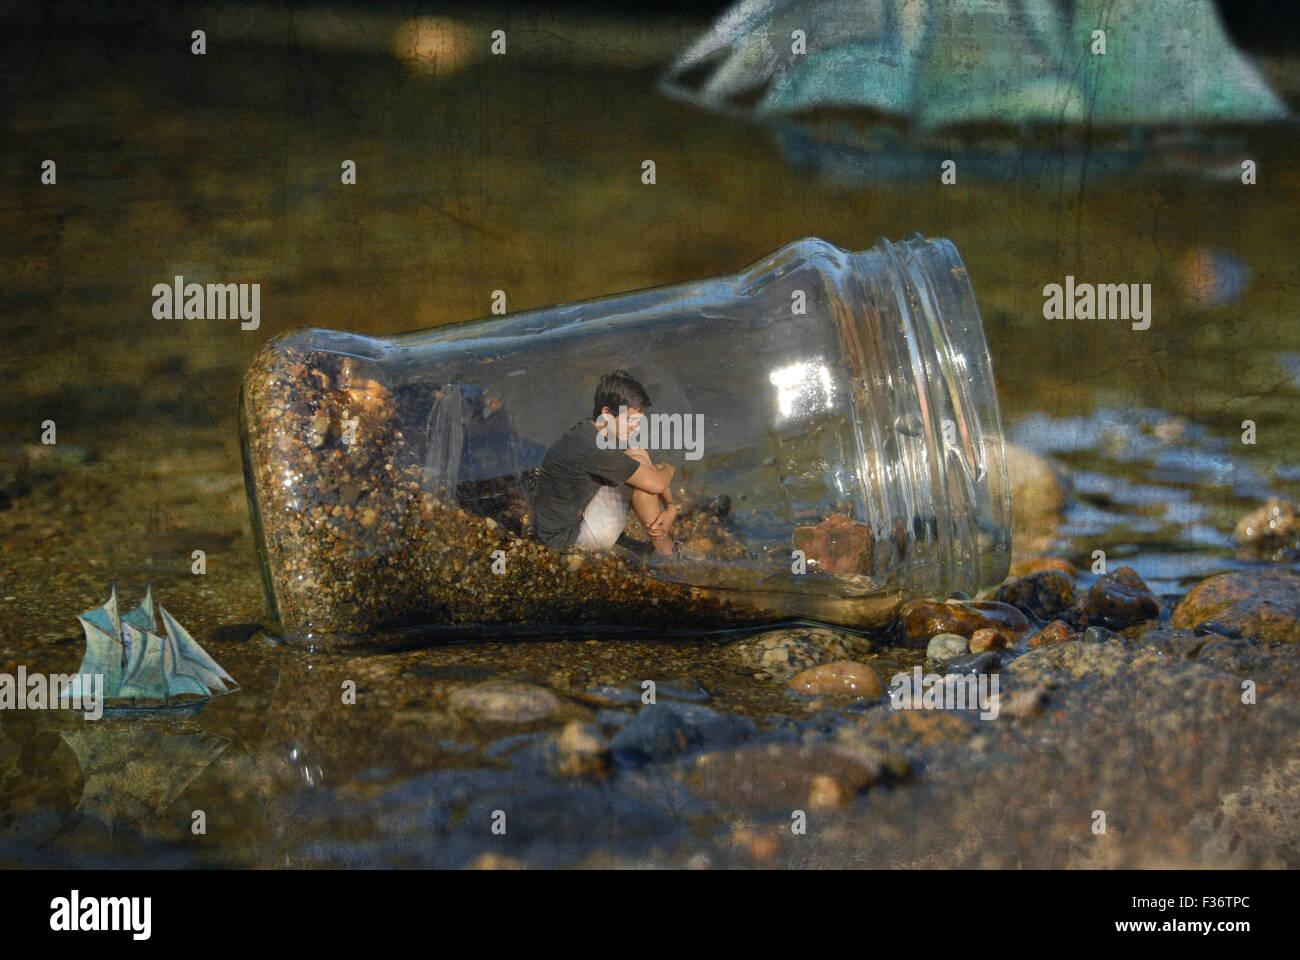 Junge in einer großen Flasche in Mitte des Wassers Stockbild